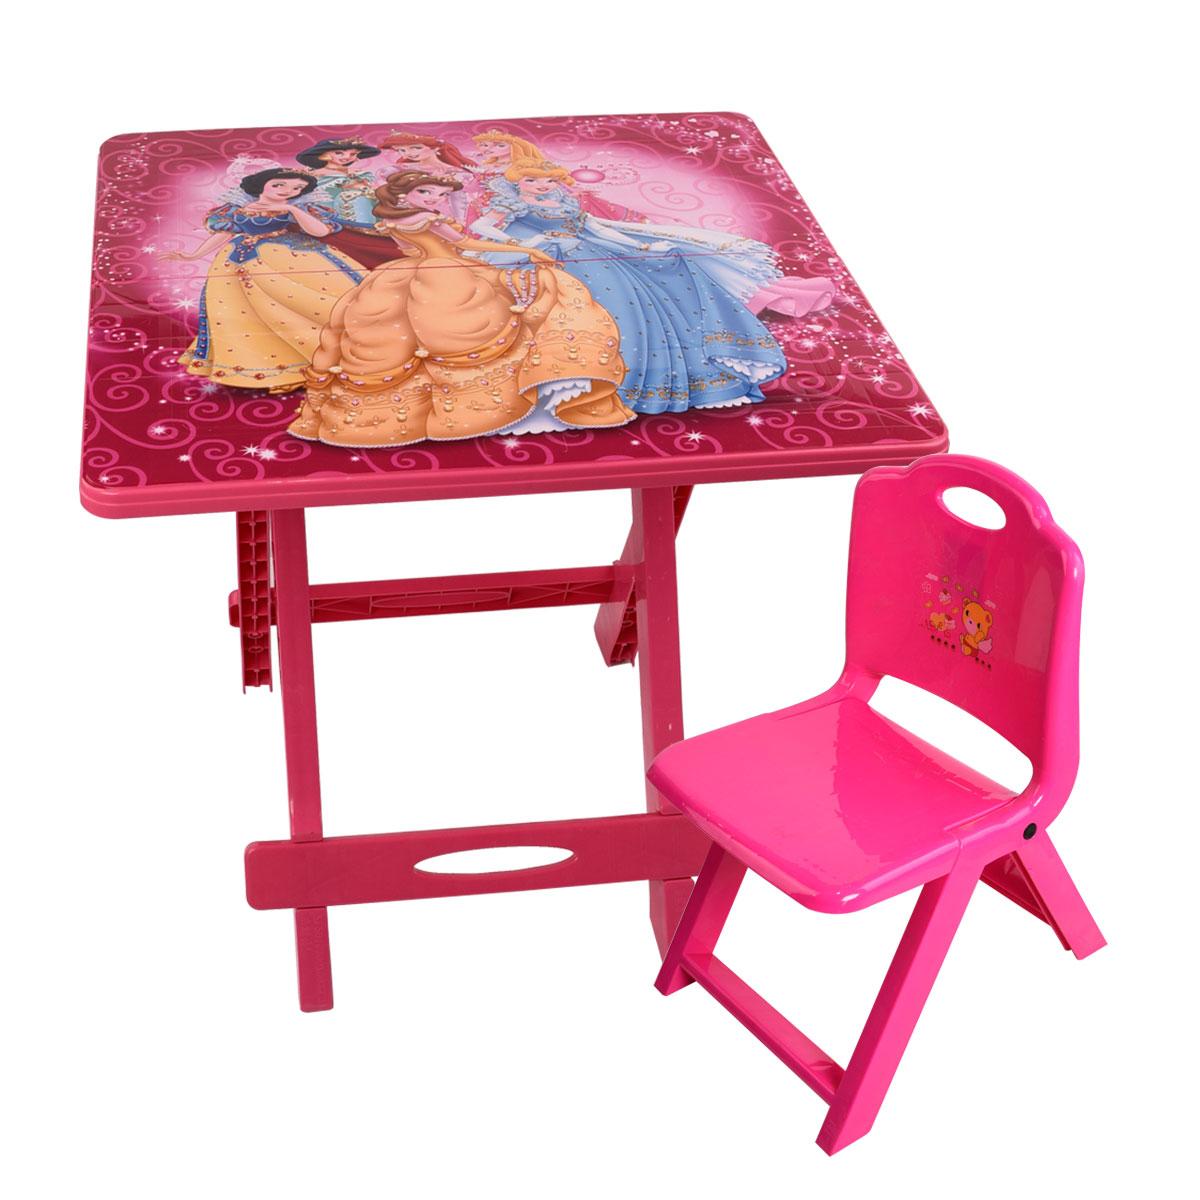 طاولة اطفال مدرسية بلاستيكية شخصيات متعددة قابلة للطي مع الكرسي